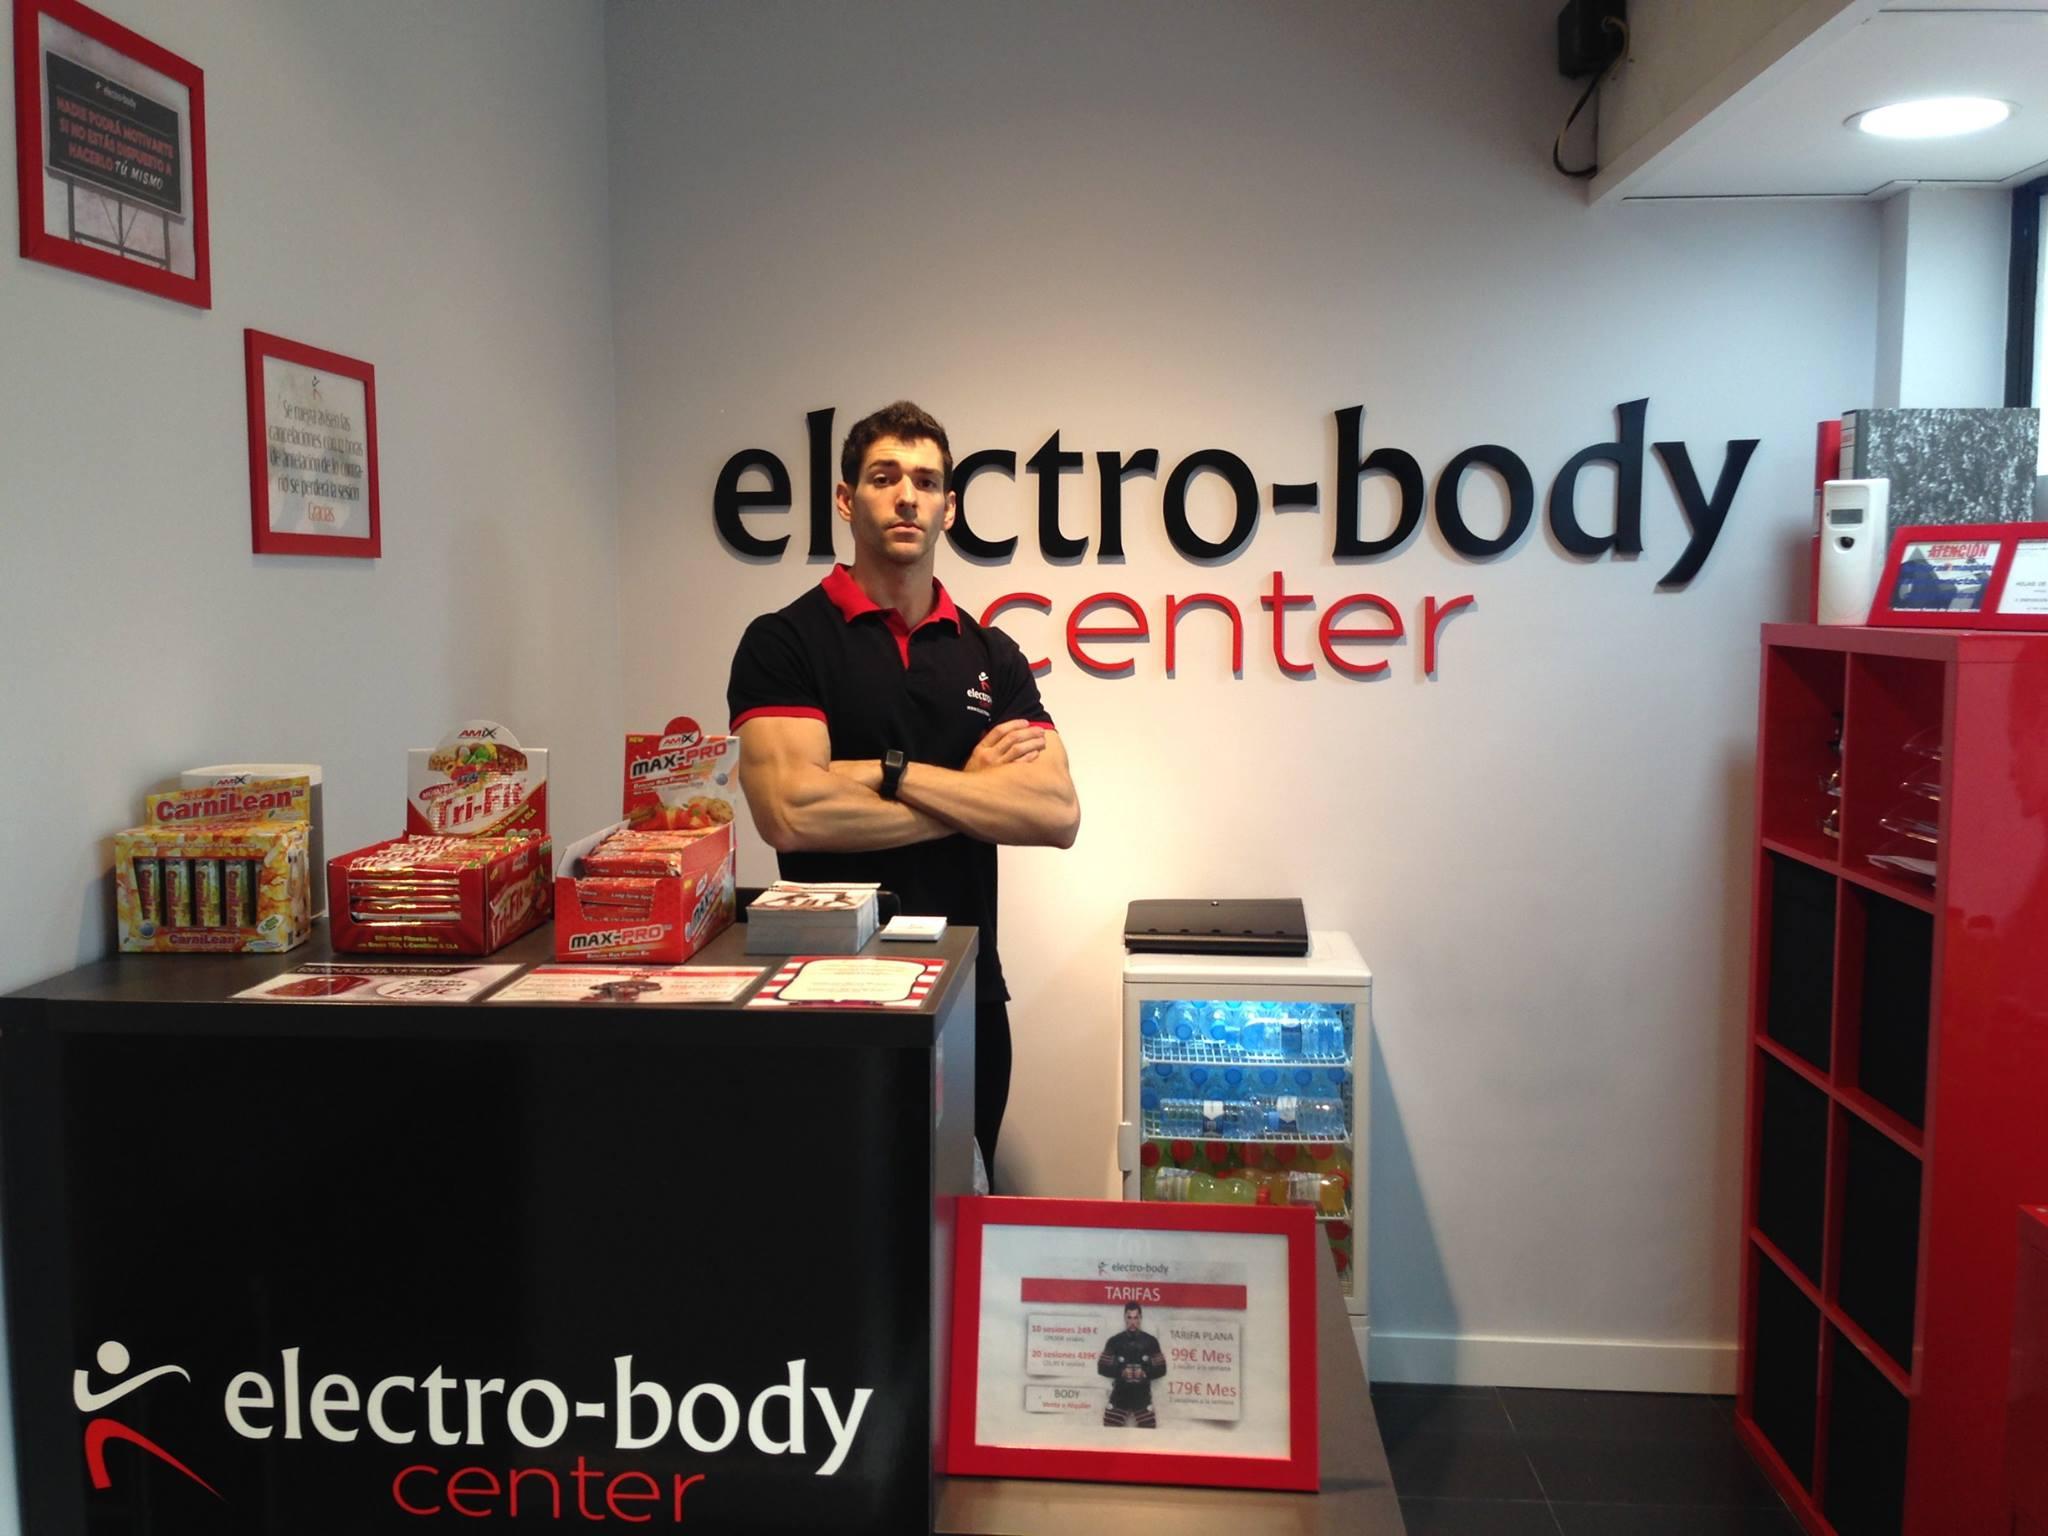 Electro-body center Villalba